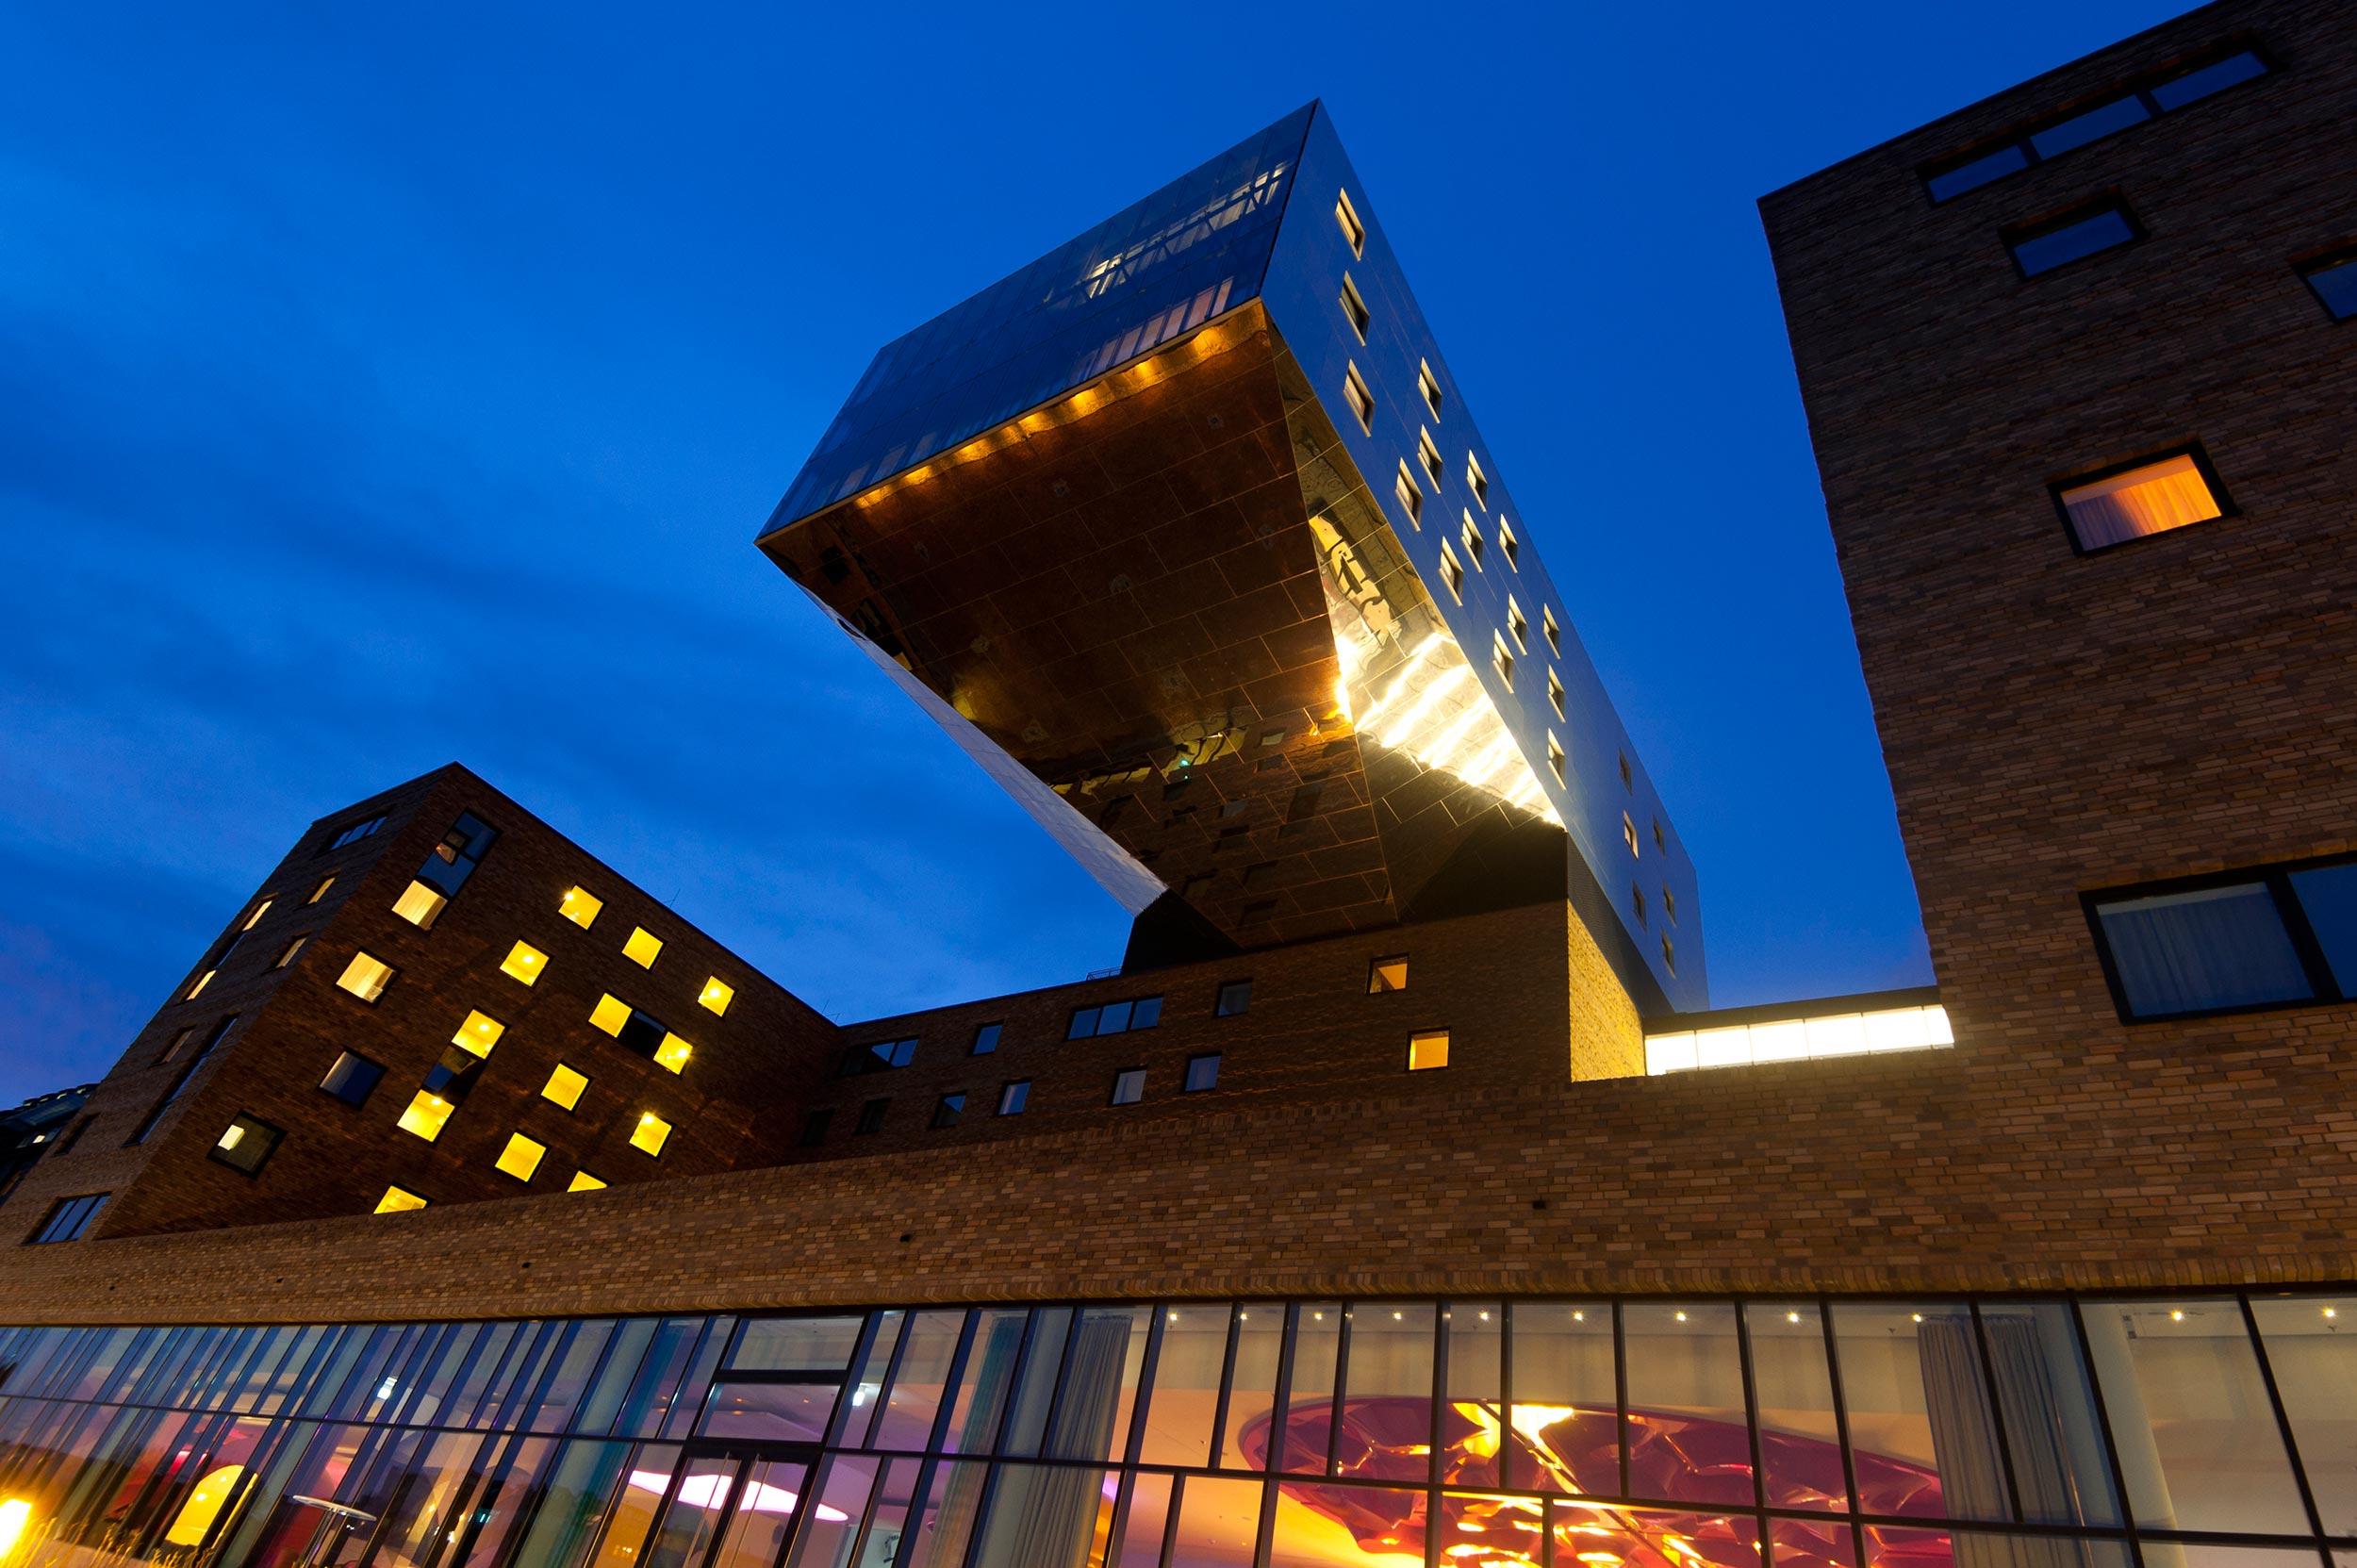 26 nhow Hotel Berlin Nachtaufnahme Südfassade.jpg